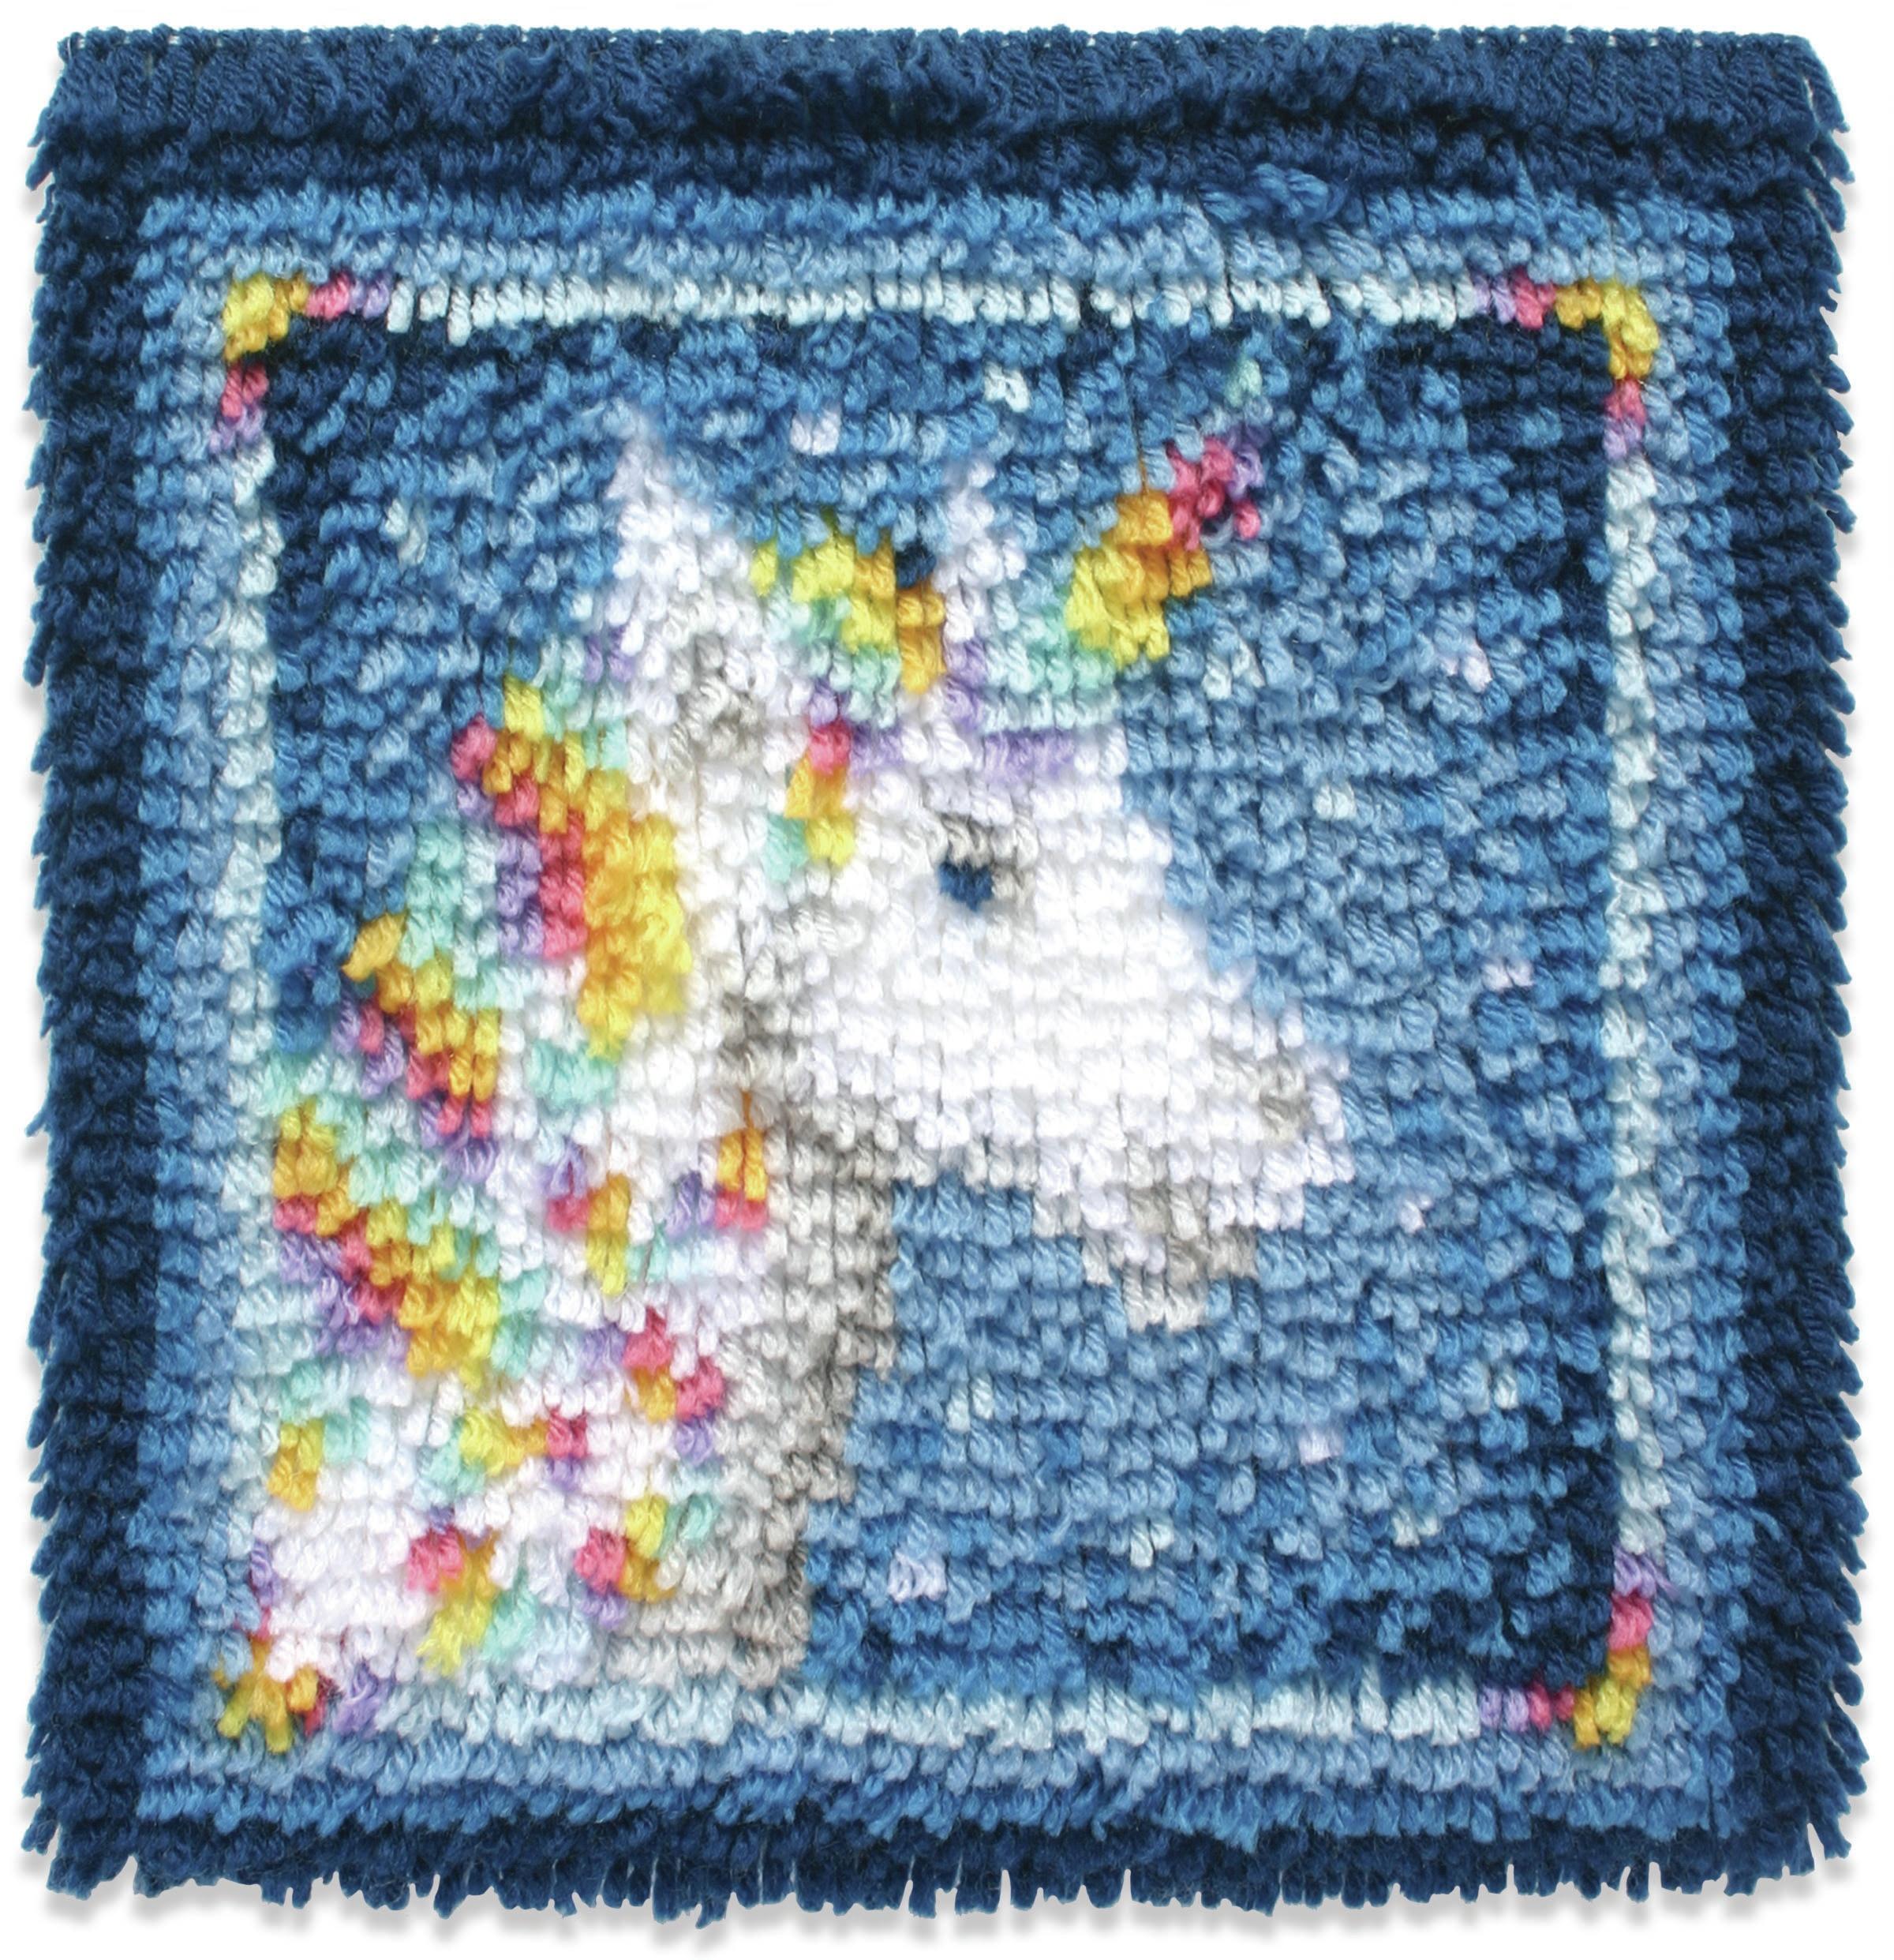 Caron Wonderart Latch Hook Kit 12X12-Unicorn